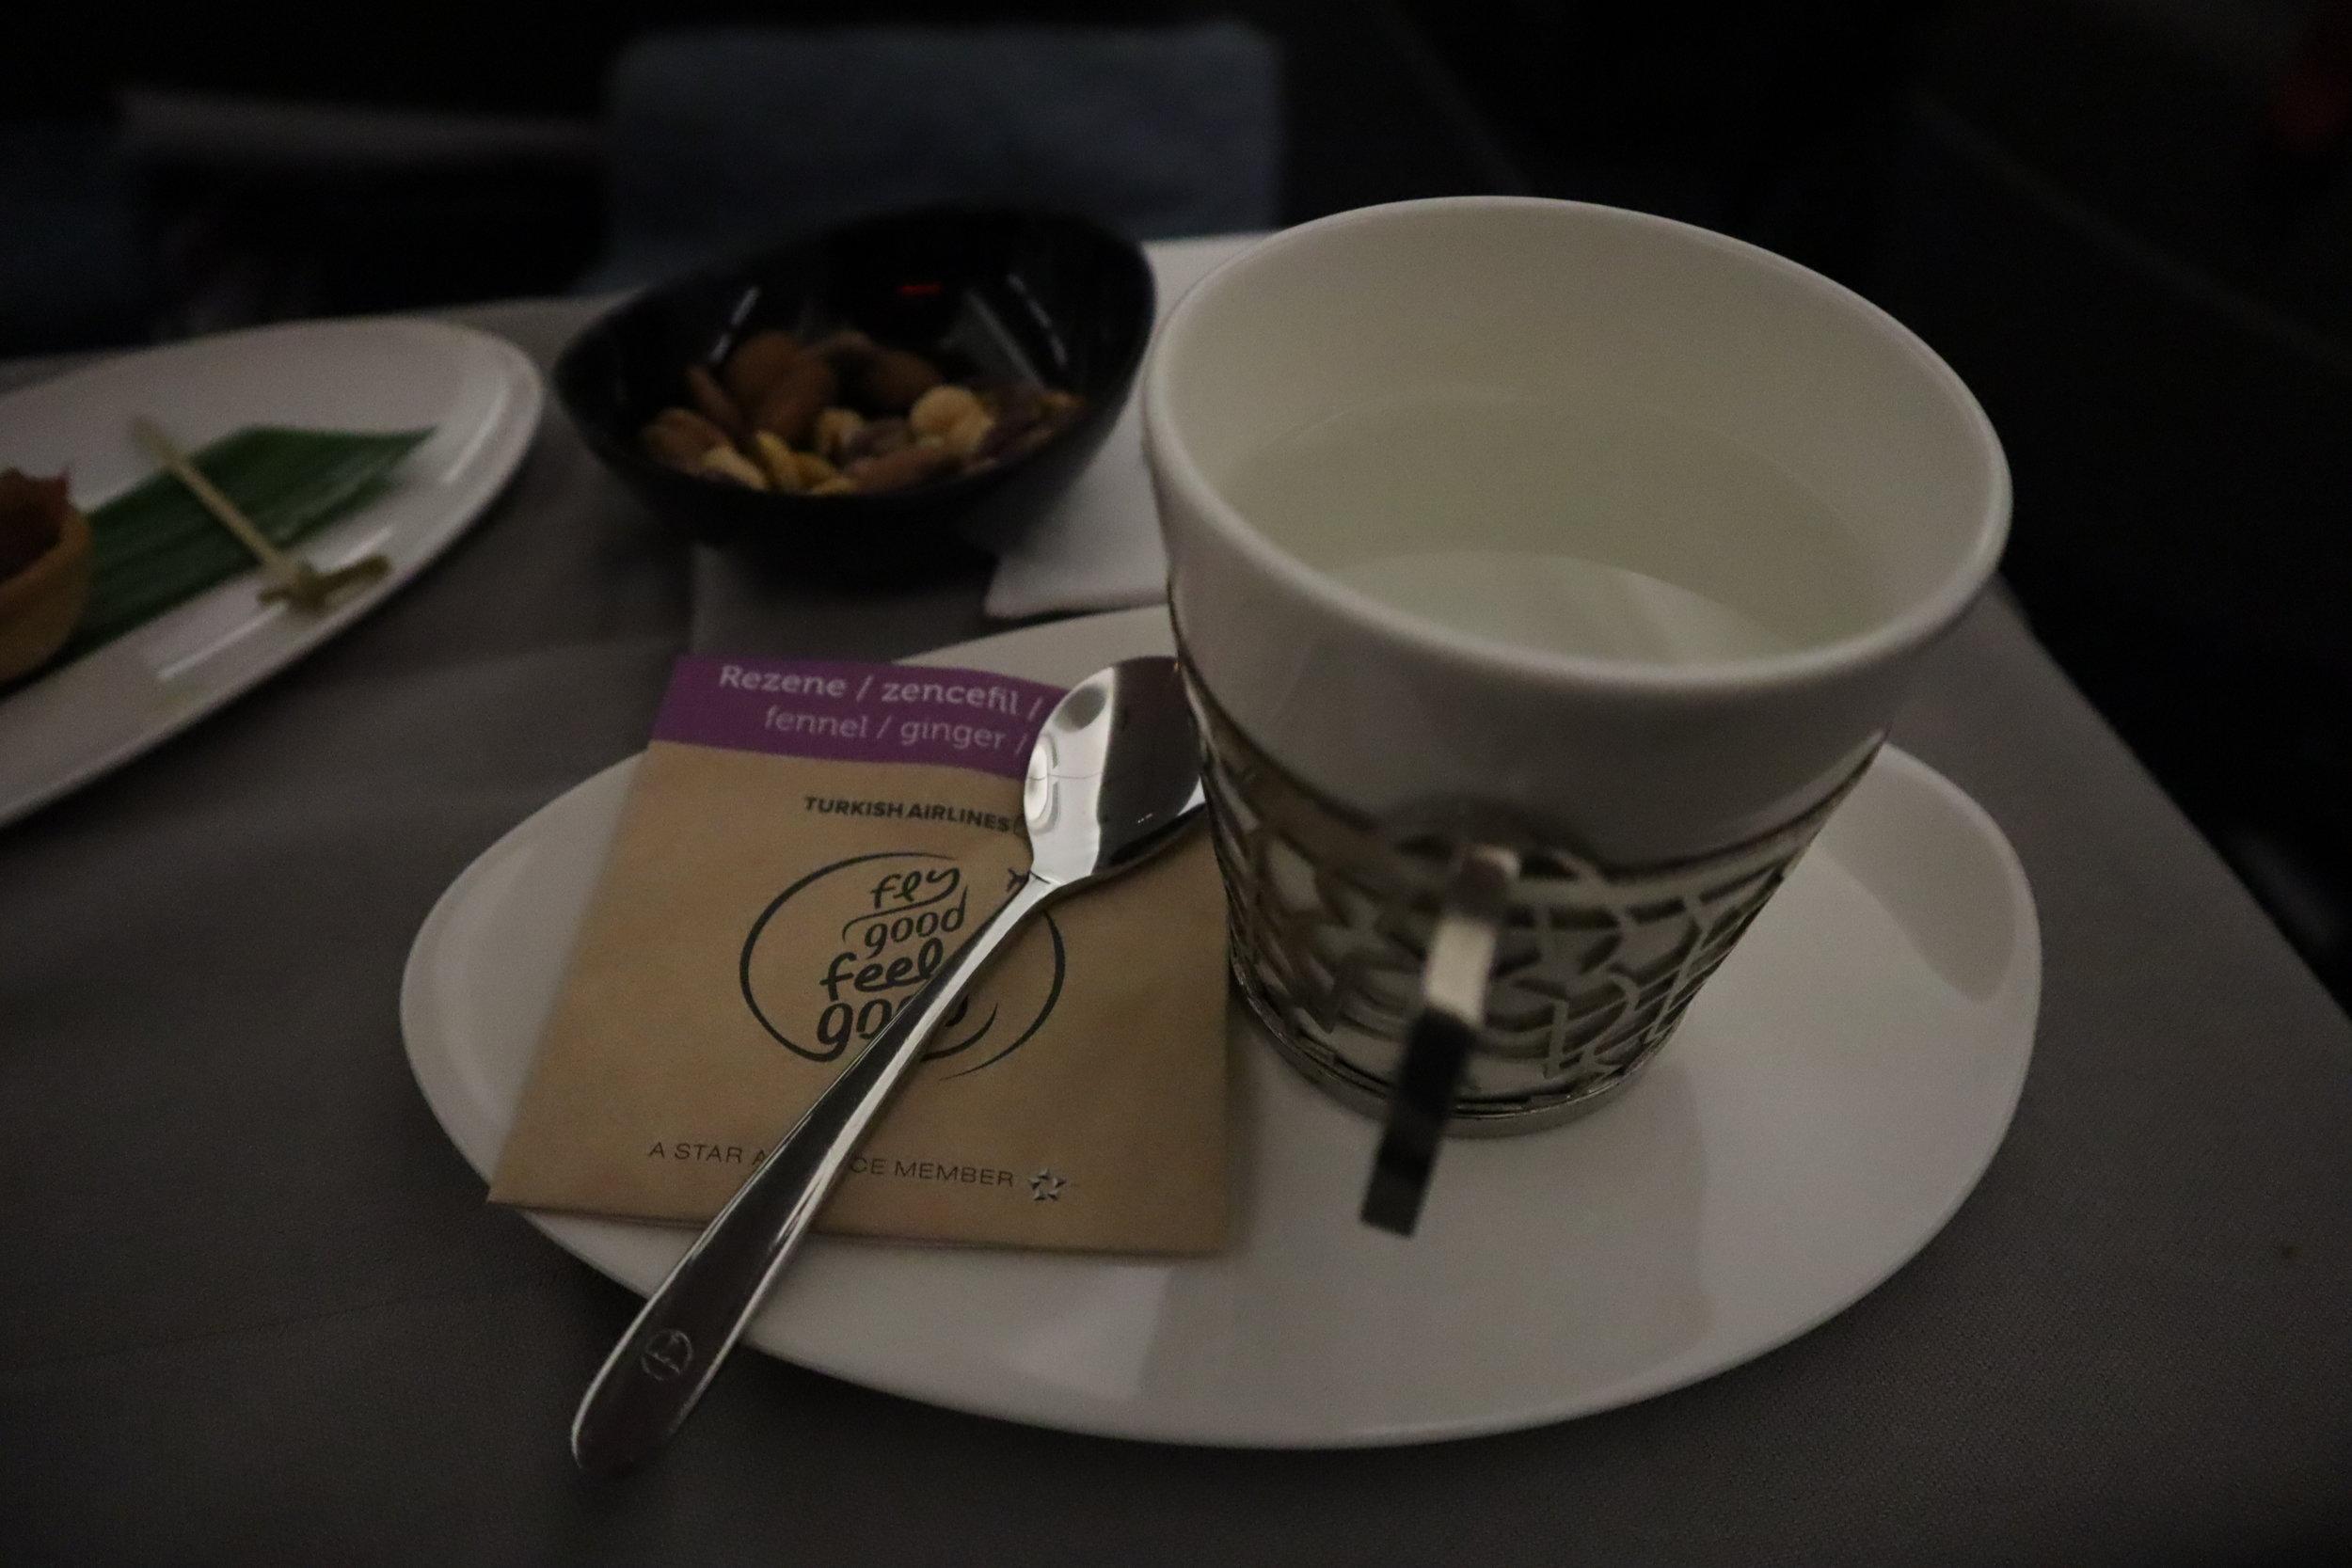 Turkish Airlines A330 business class – Wellness tea